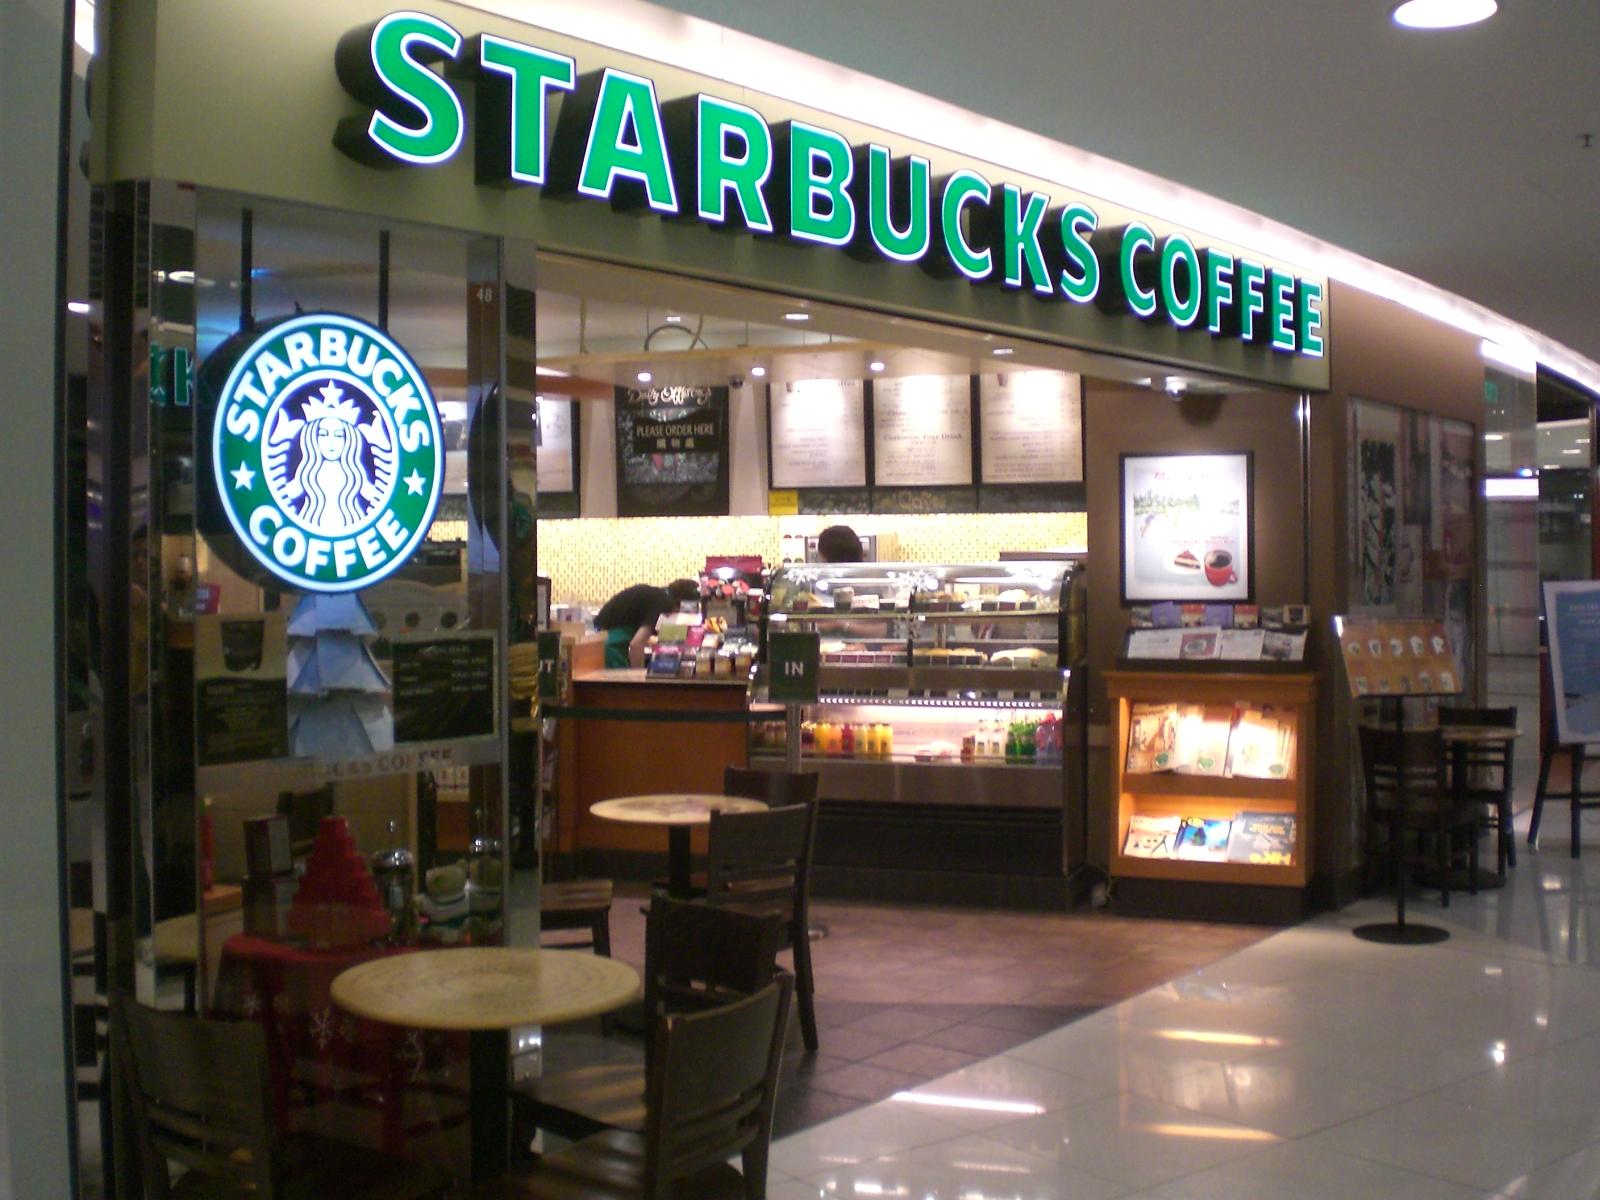 """Poznański Starbucks oskarżony o rasizm. """"Narysowali mi skośne oko, będzie sąd"""""""